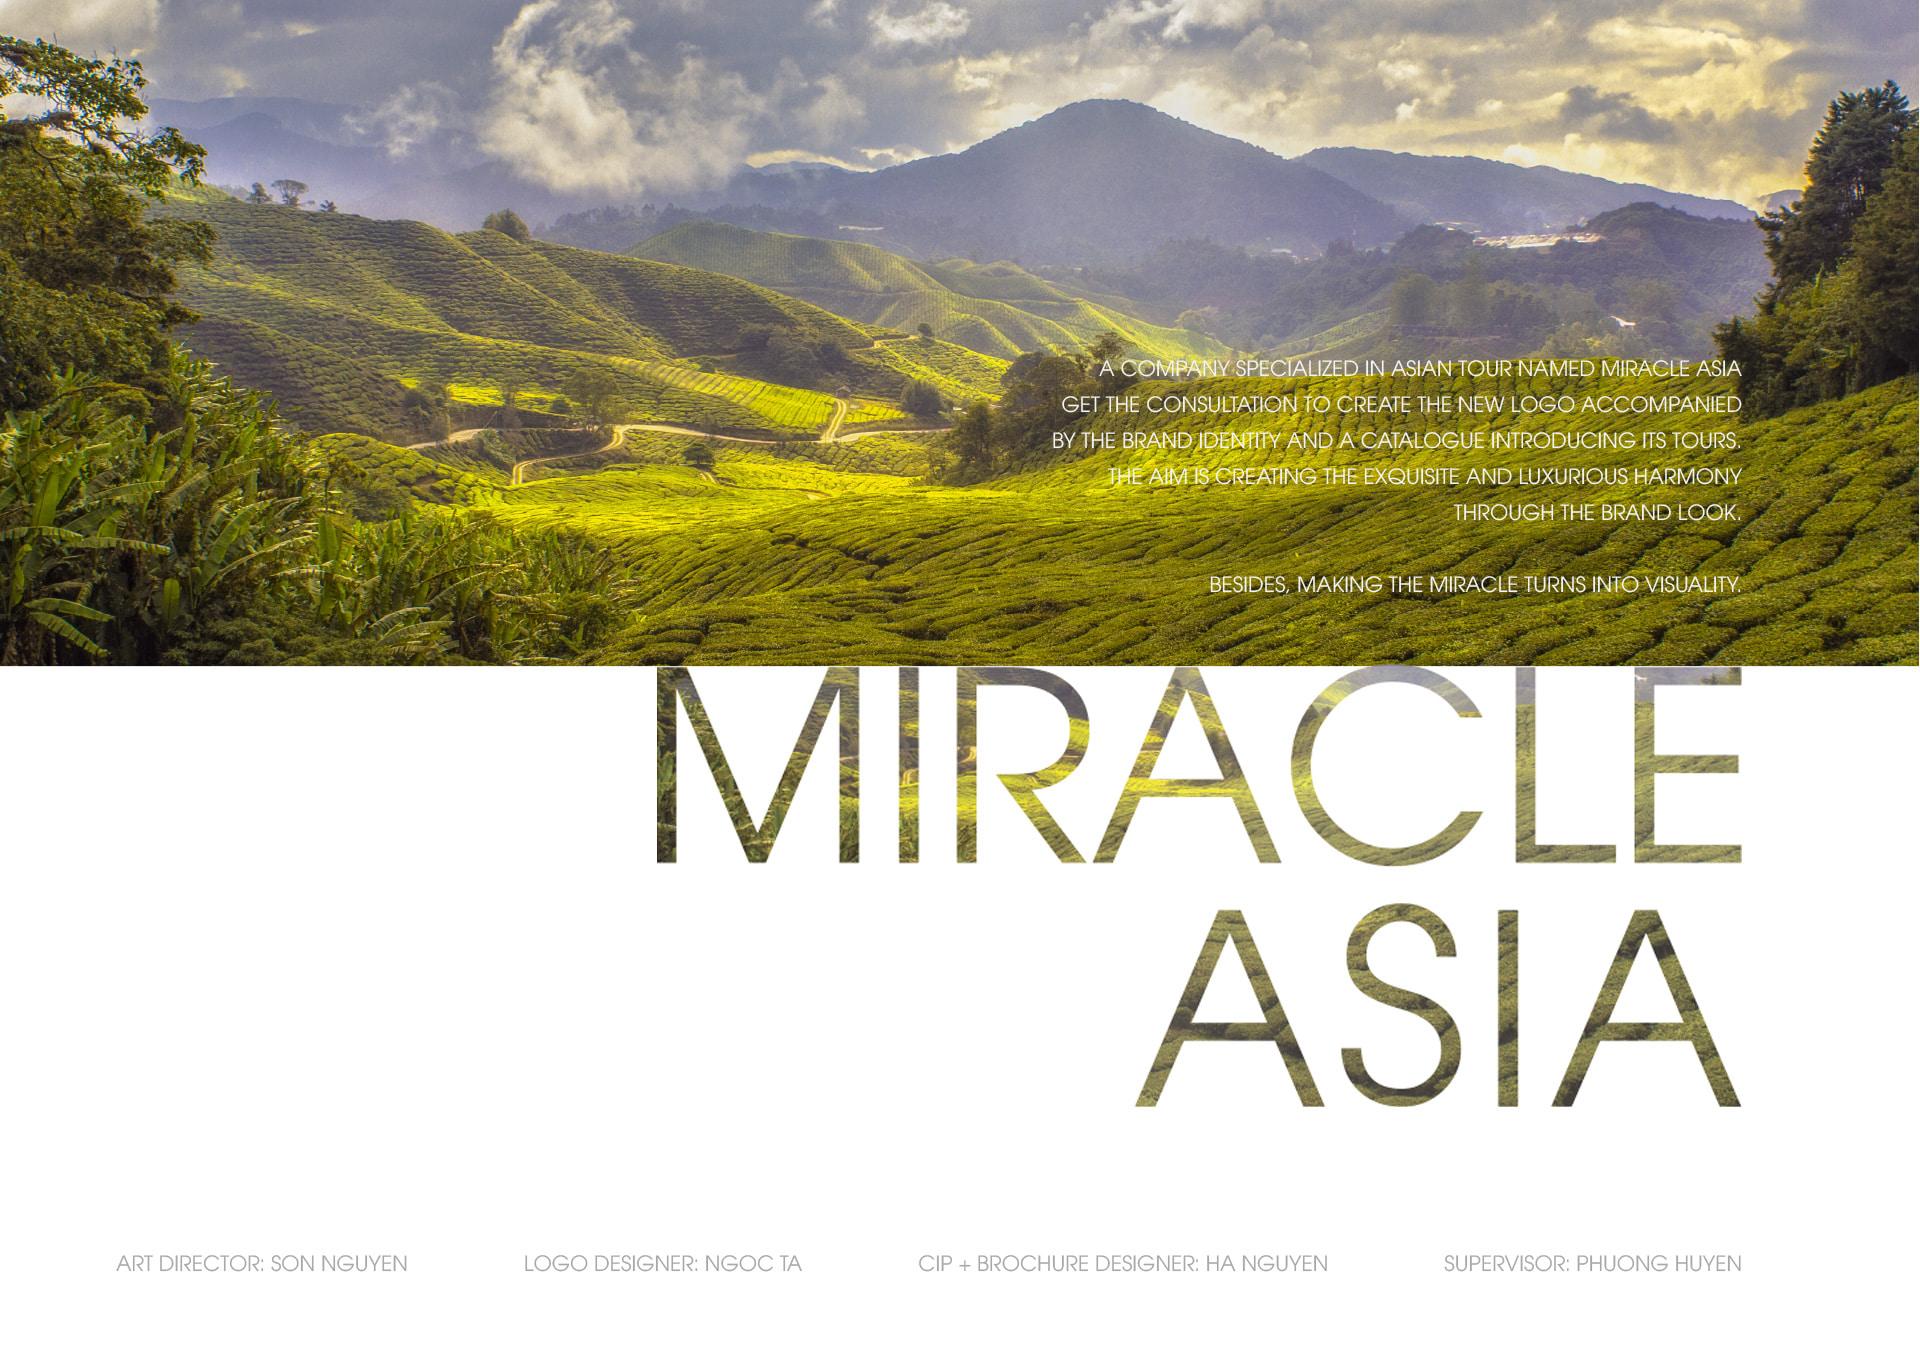 Thiết kế logo và nhận diện thương hiệu Miracle Asia Travel tại Hà Nội